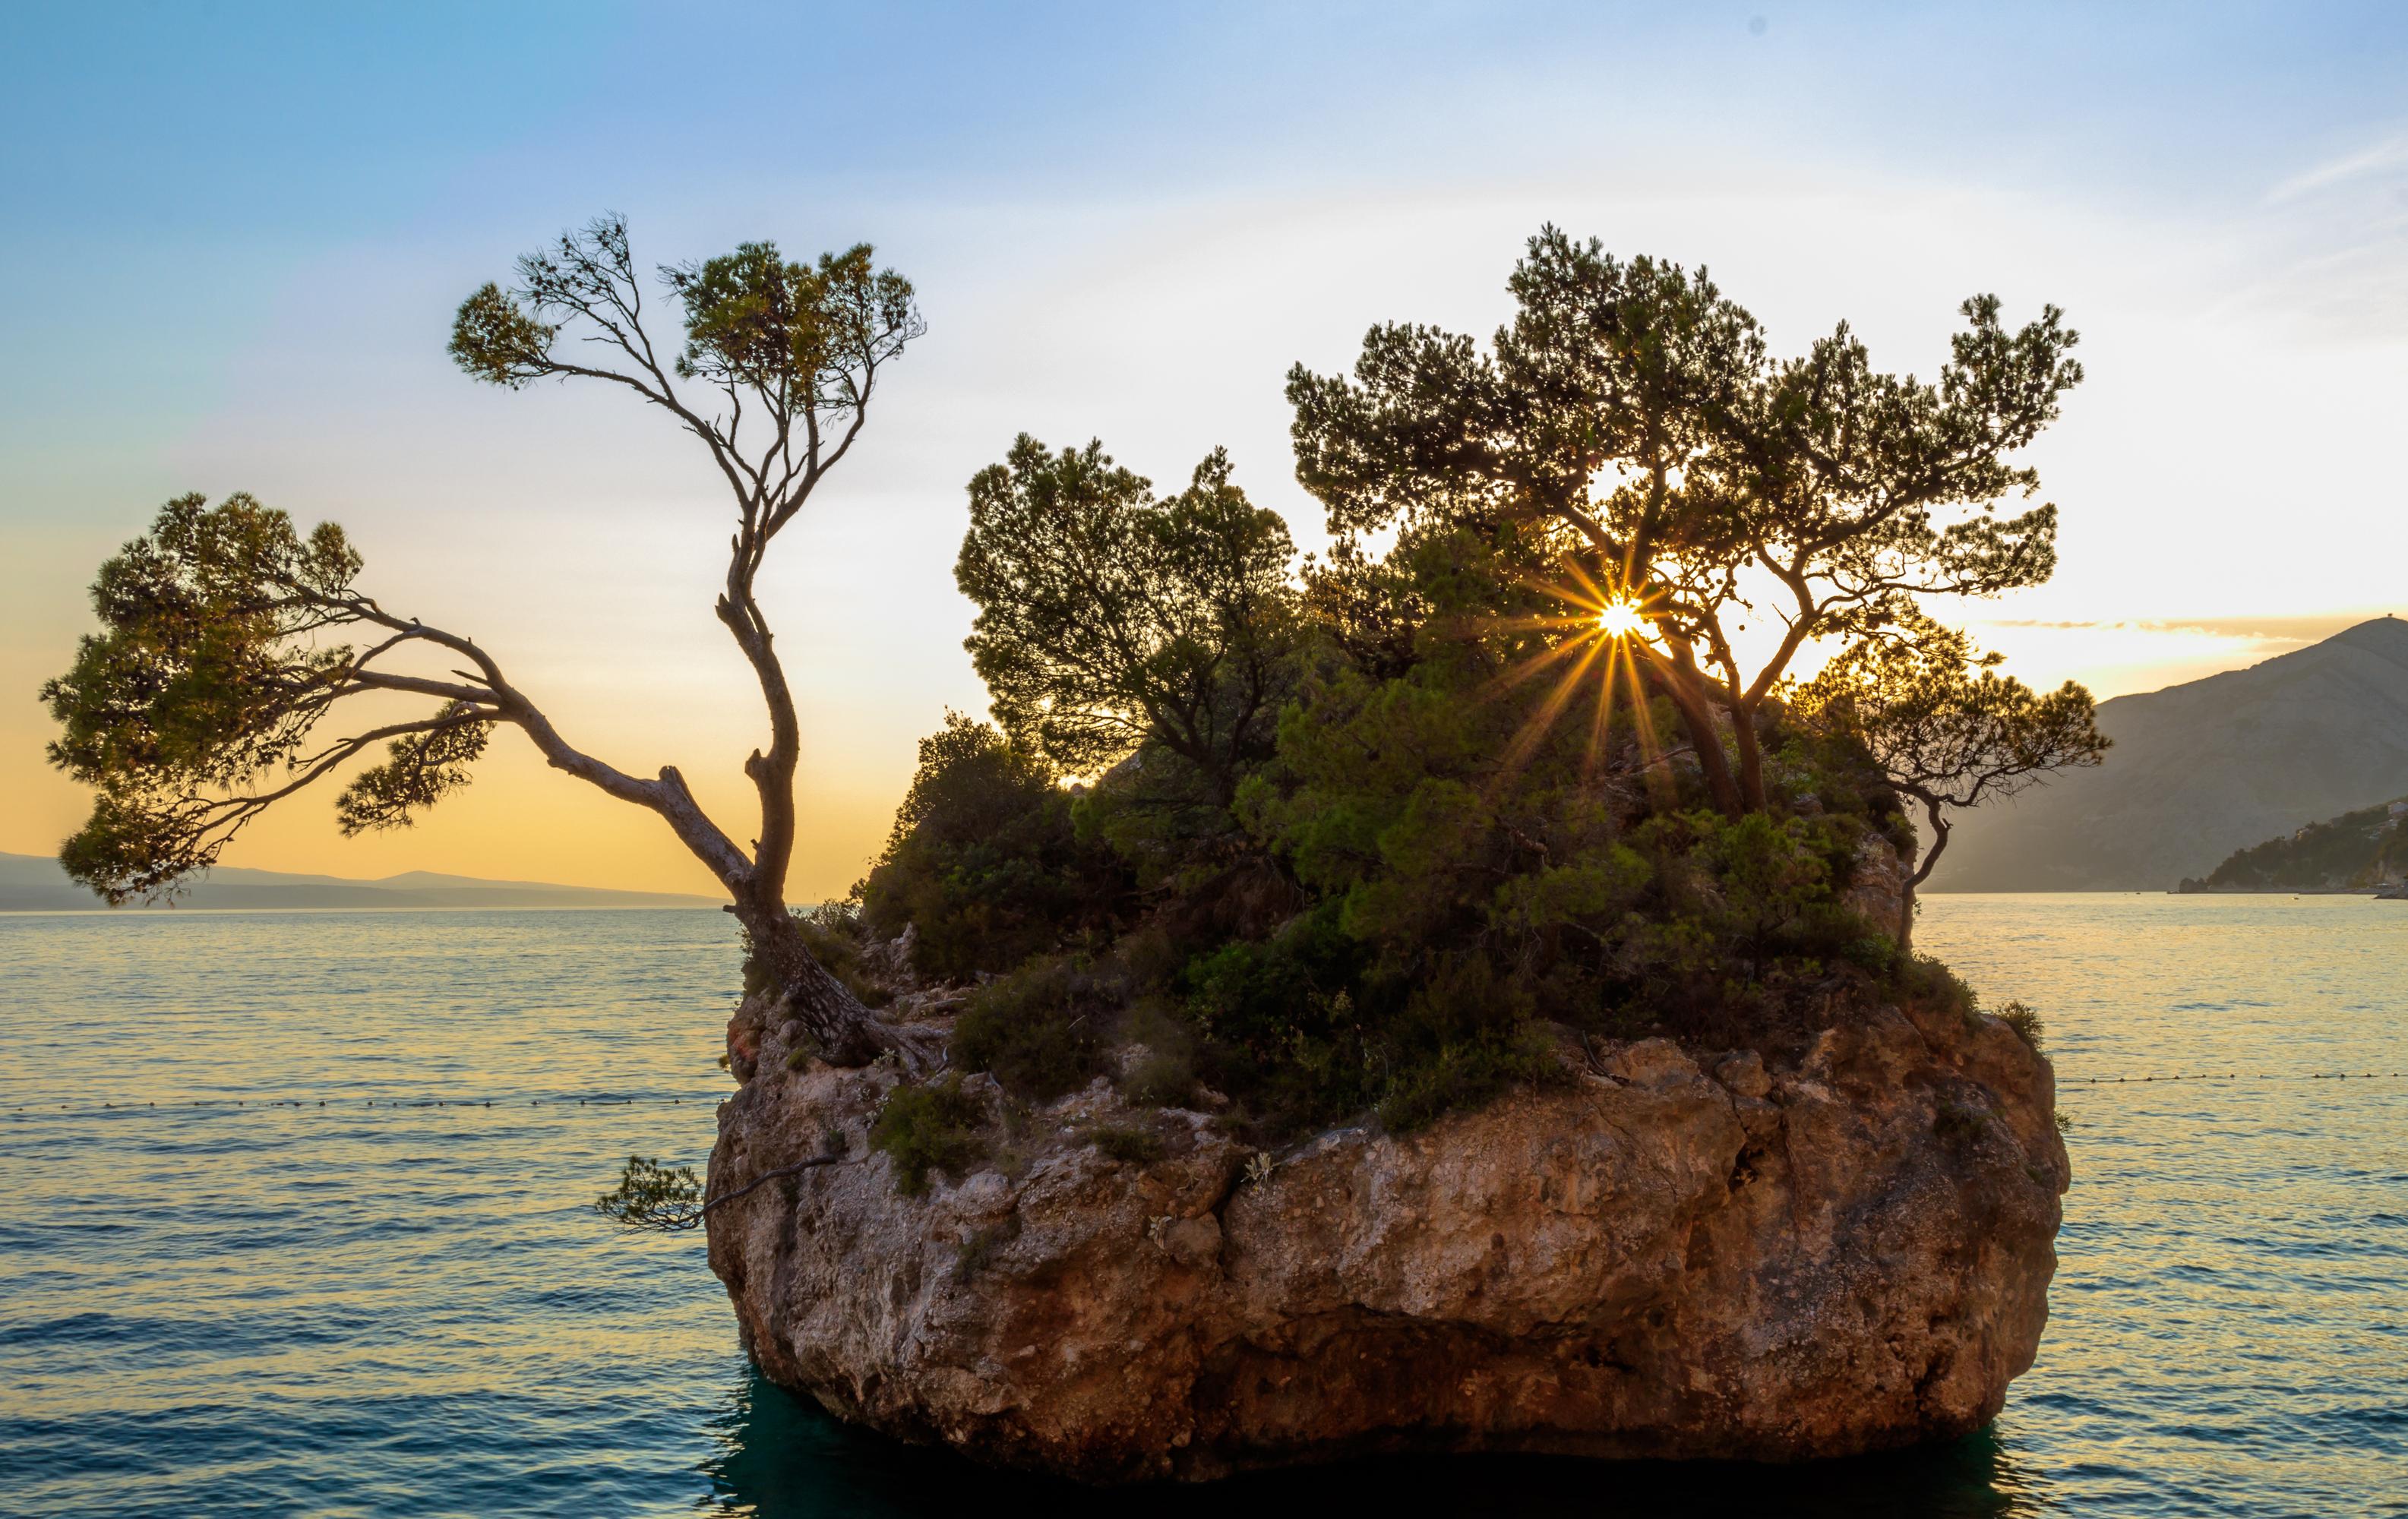 признается подольская, дерево в скале картинки есть